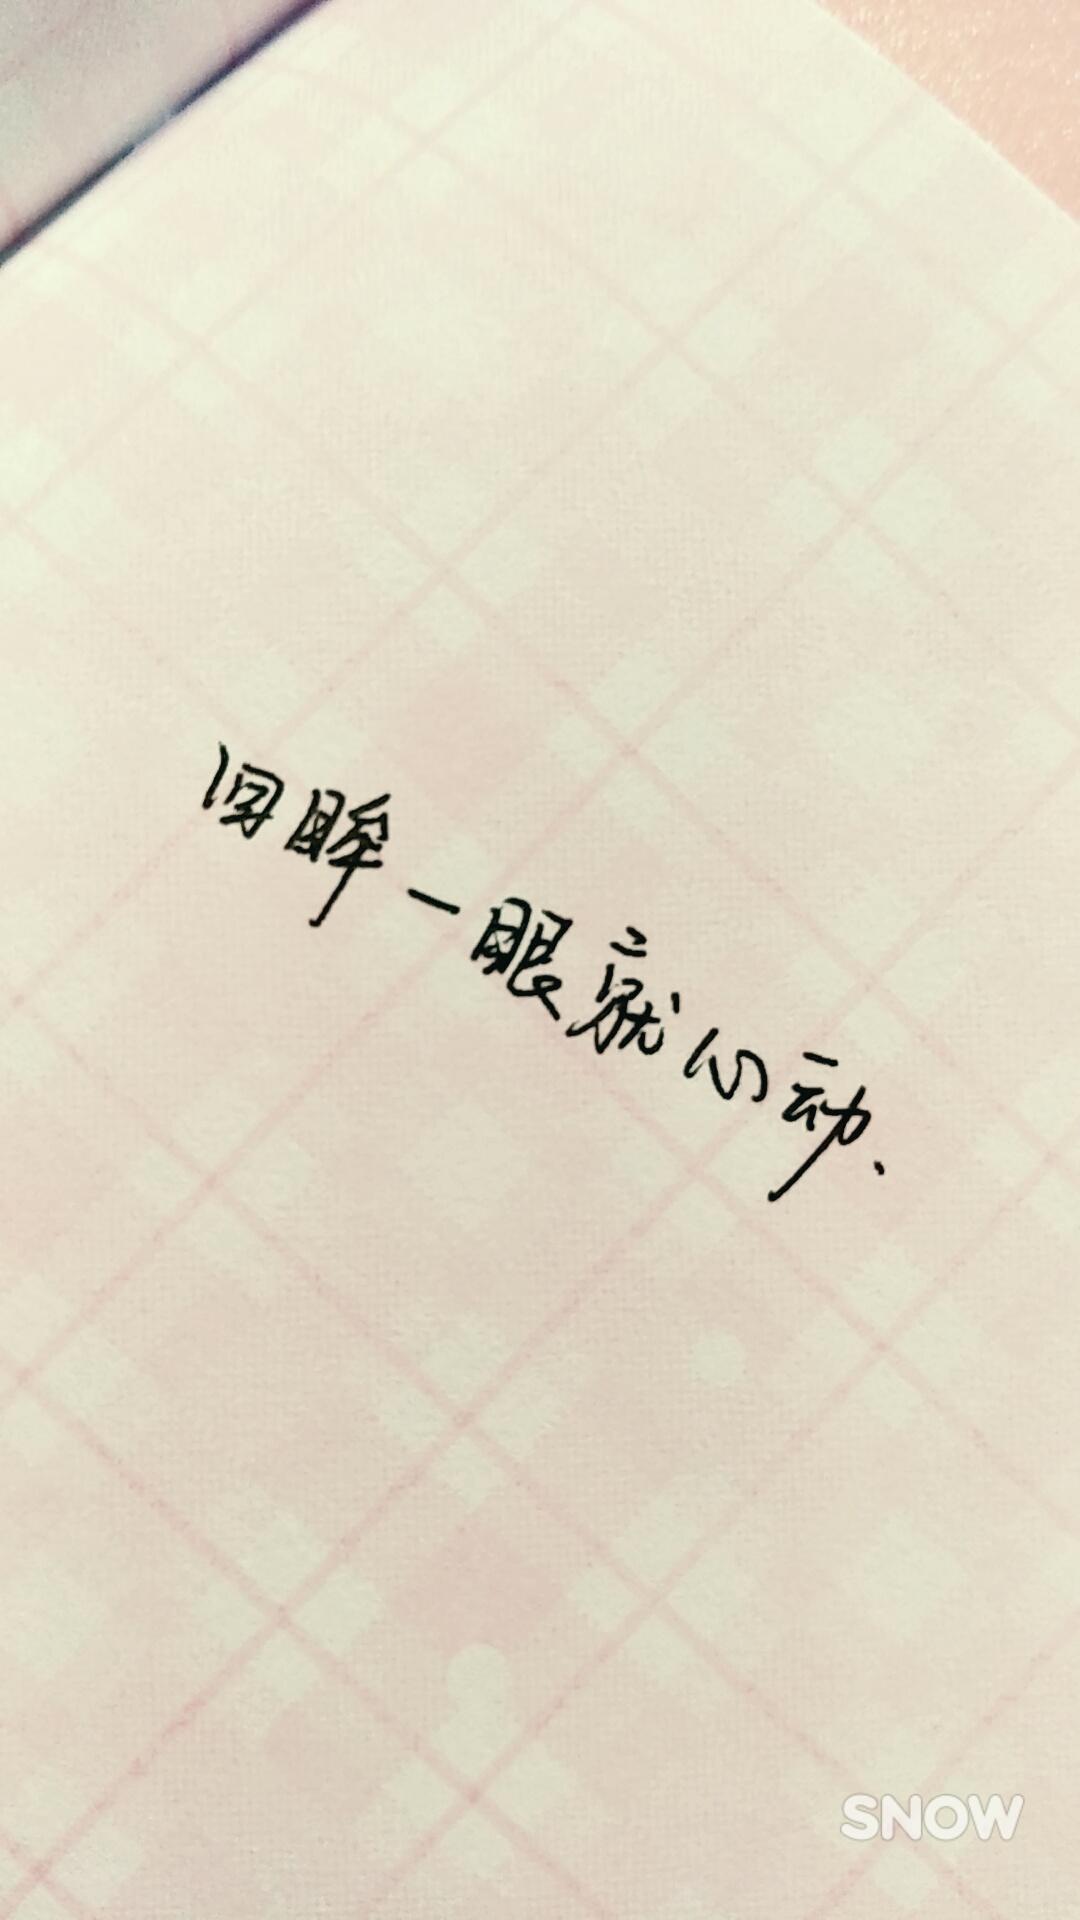 手写_帖子_oppo手机官方社区